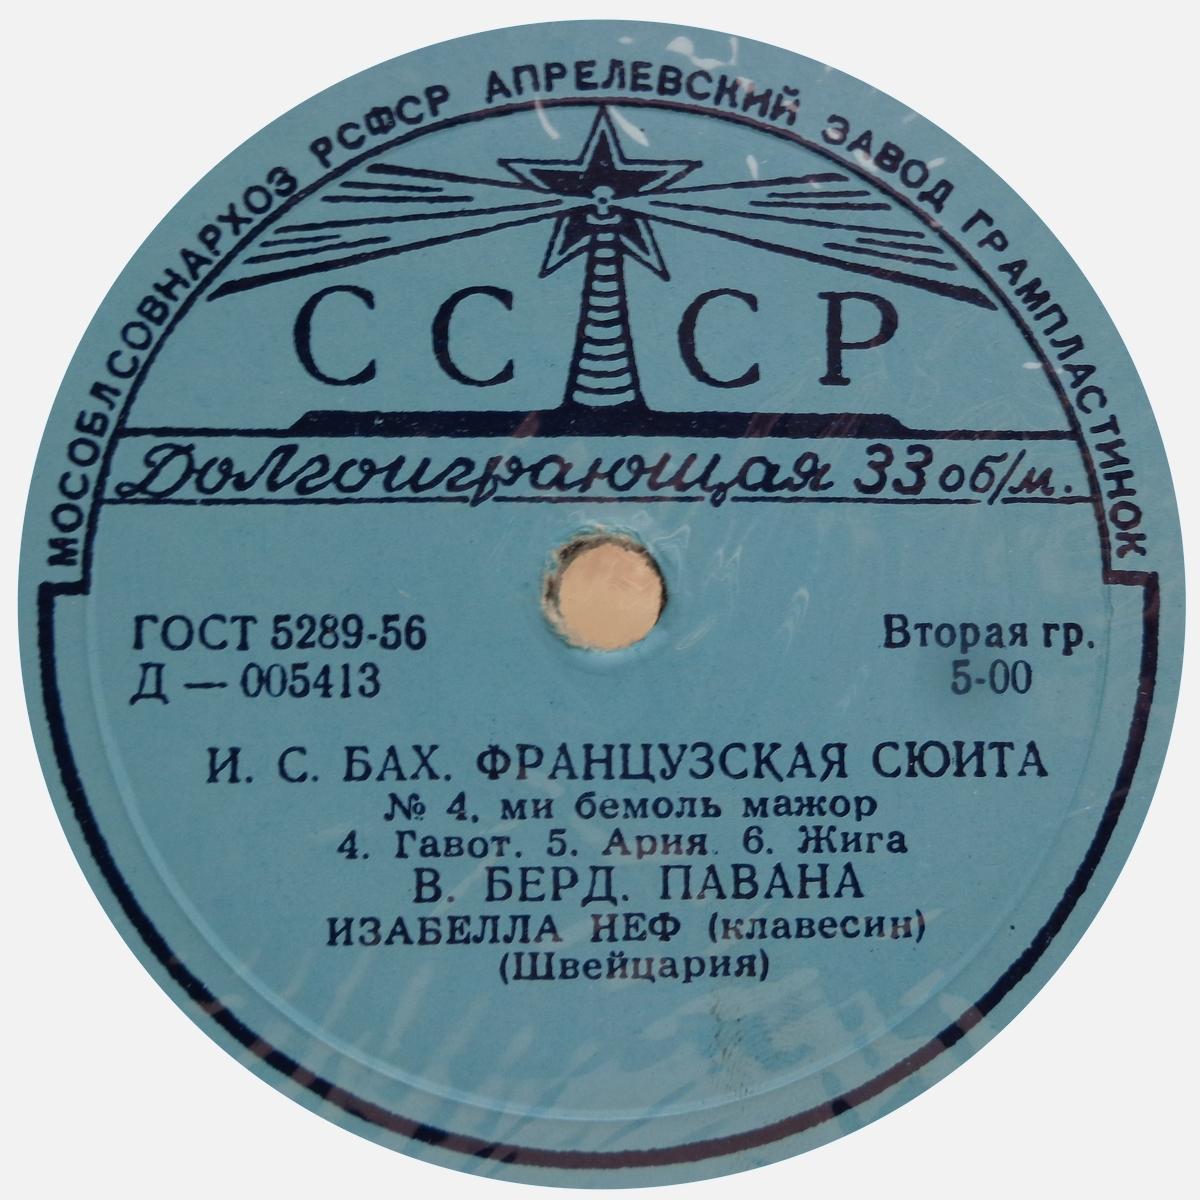 Verso de l'étiquette du disque Pre-Melodiya Dolgoigrayuschaya D-005412